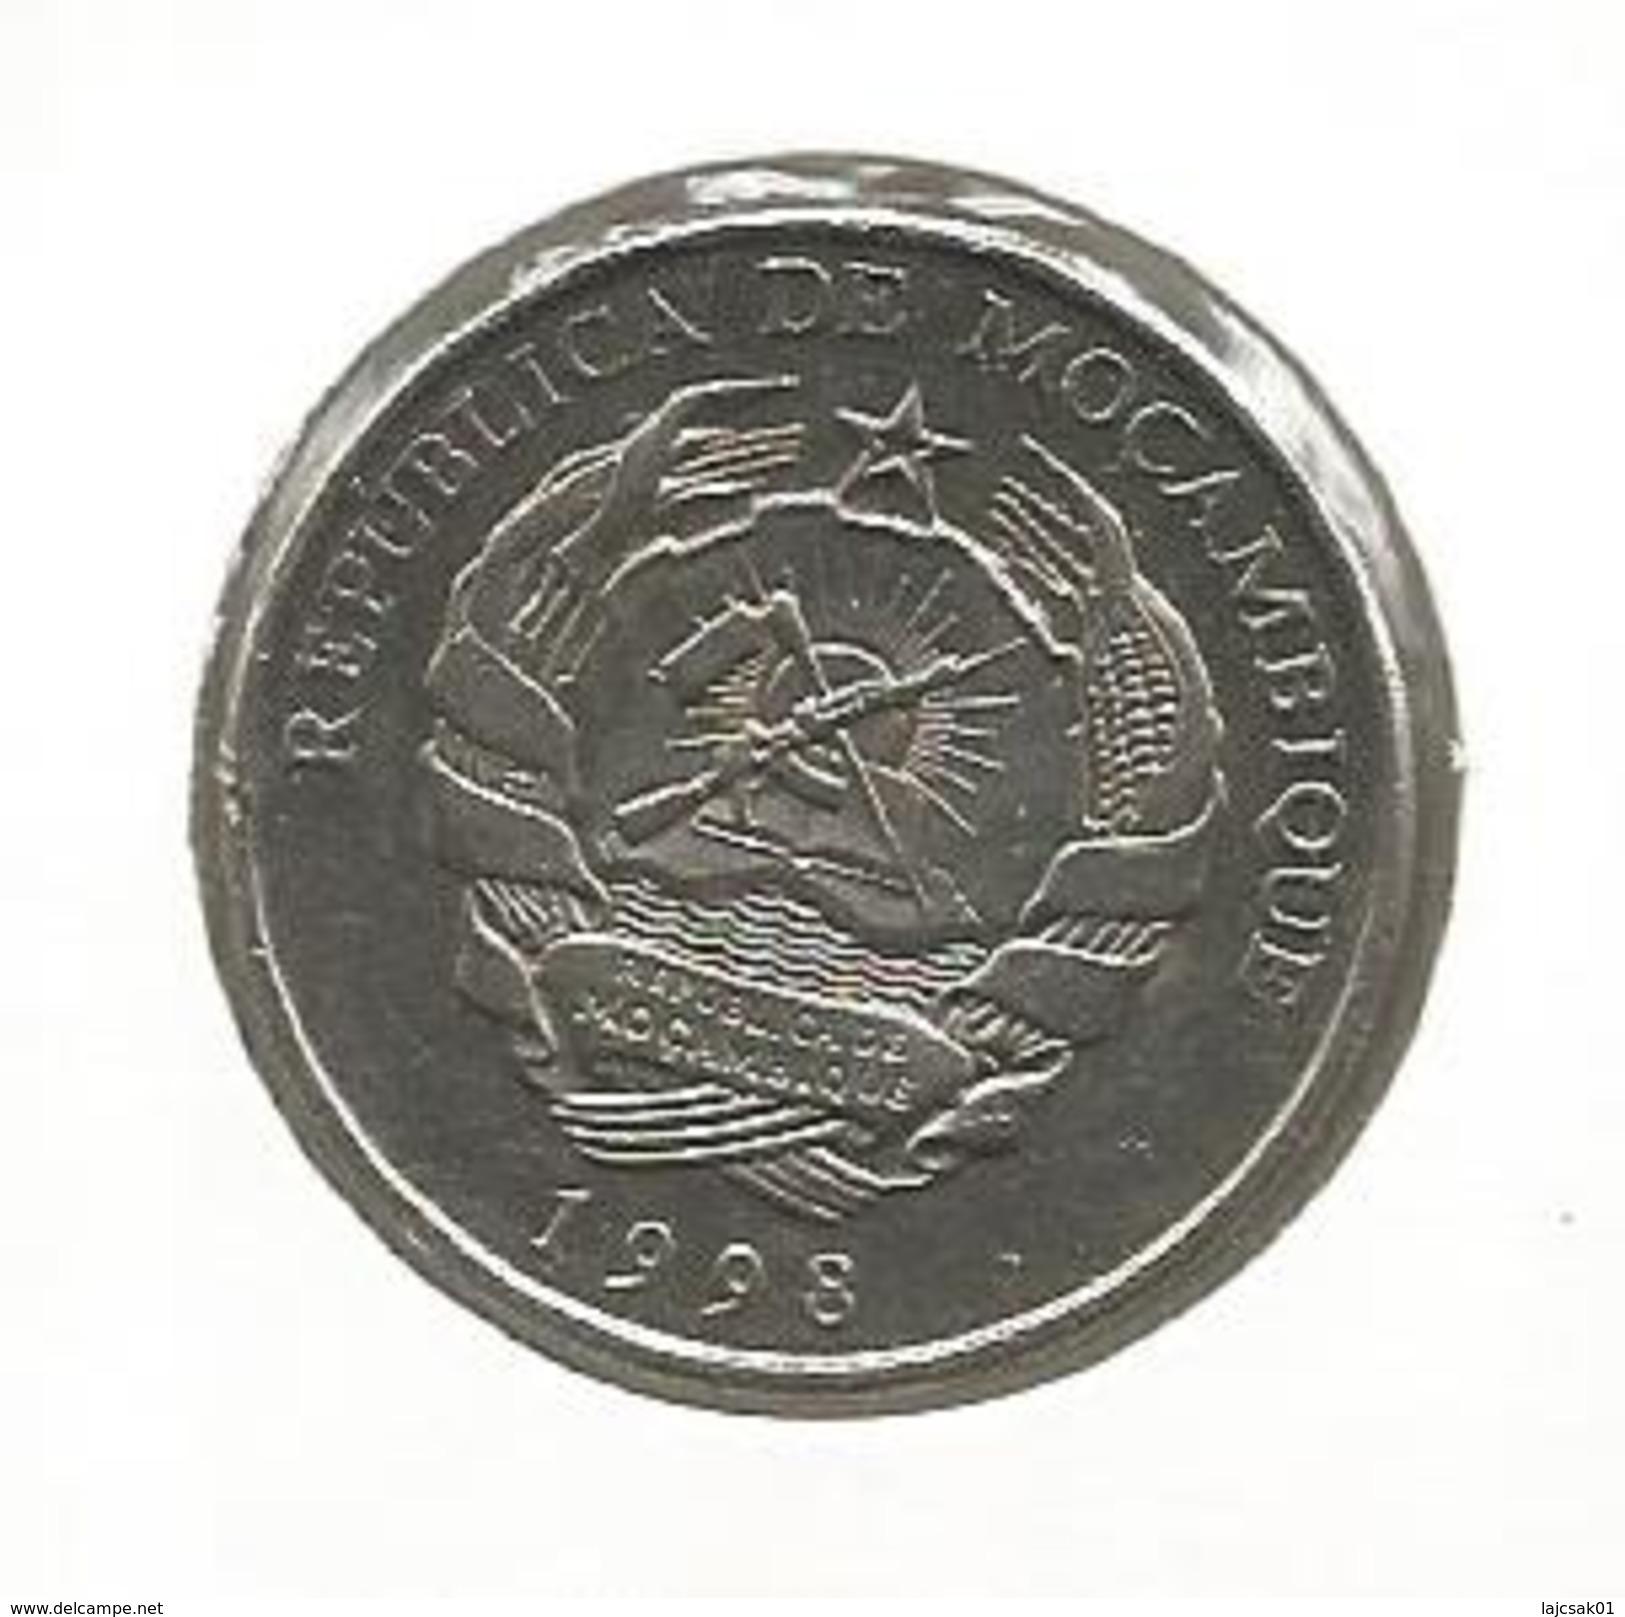 D10 Mozambique 5000 Meticais 1998. KM#124 - Mozambique